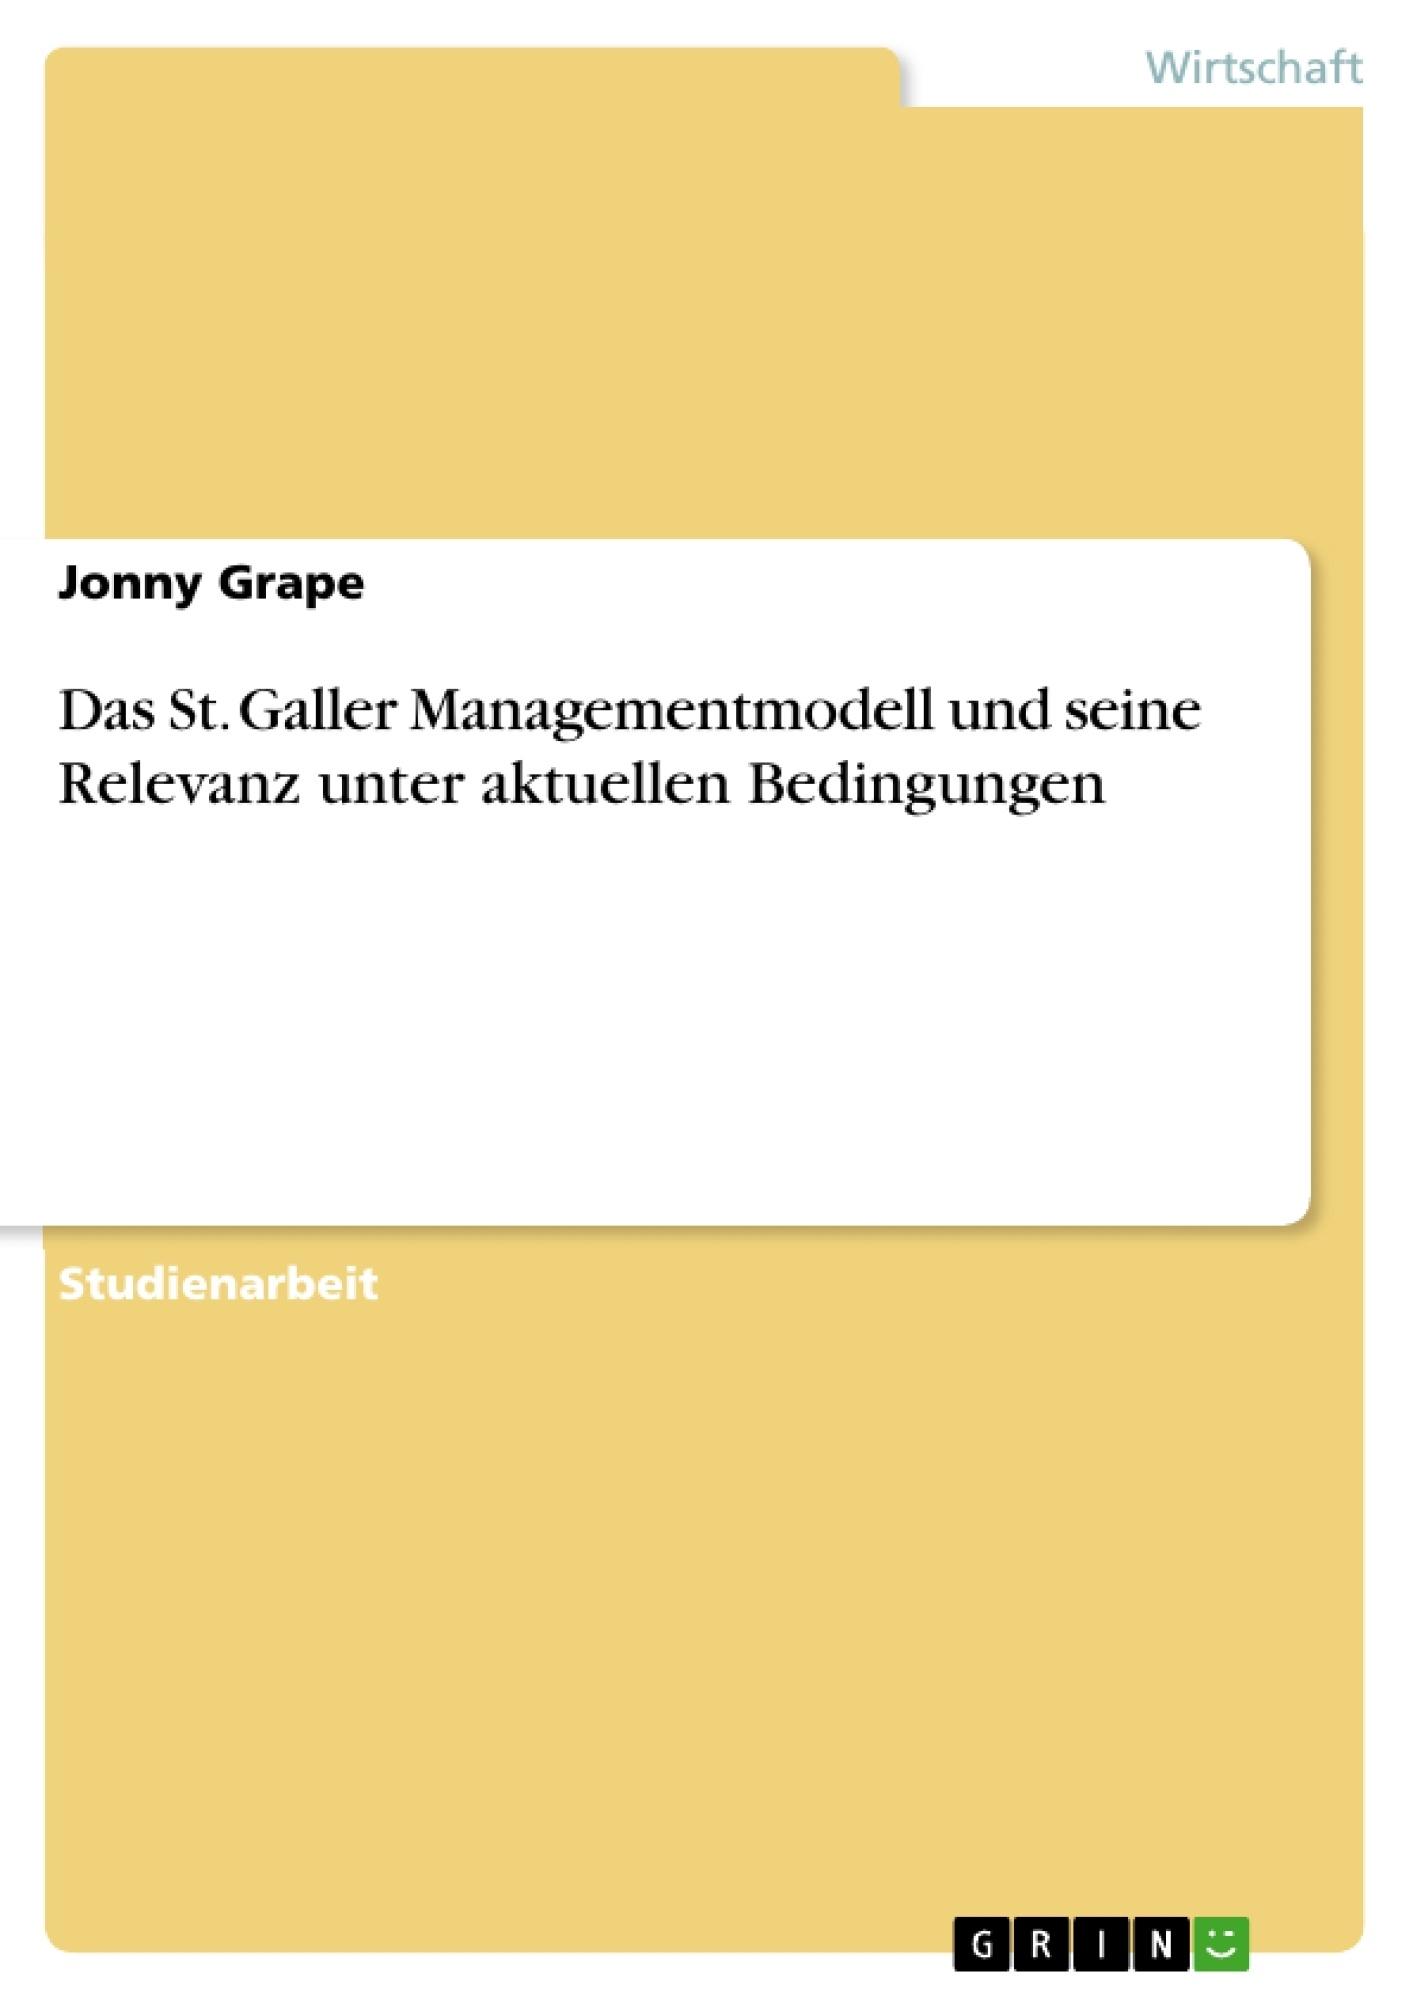 Titel: Das St. Galler Managementmodell und seine Relevanz unter aktuellen Bedingungen